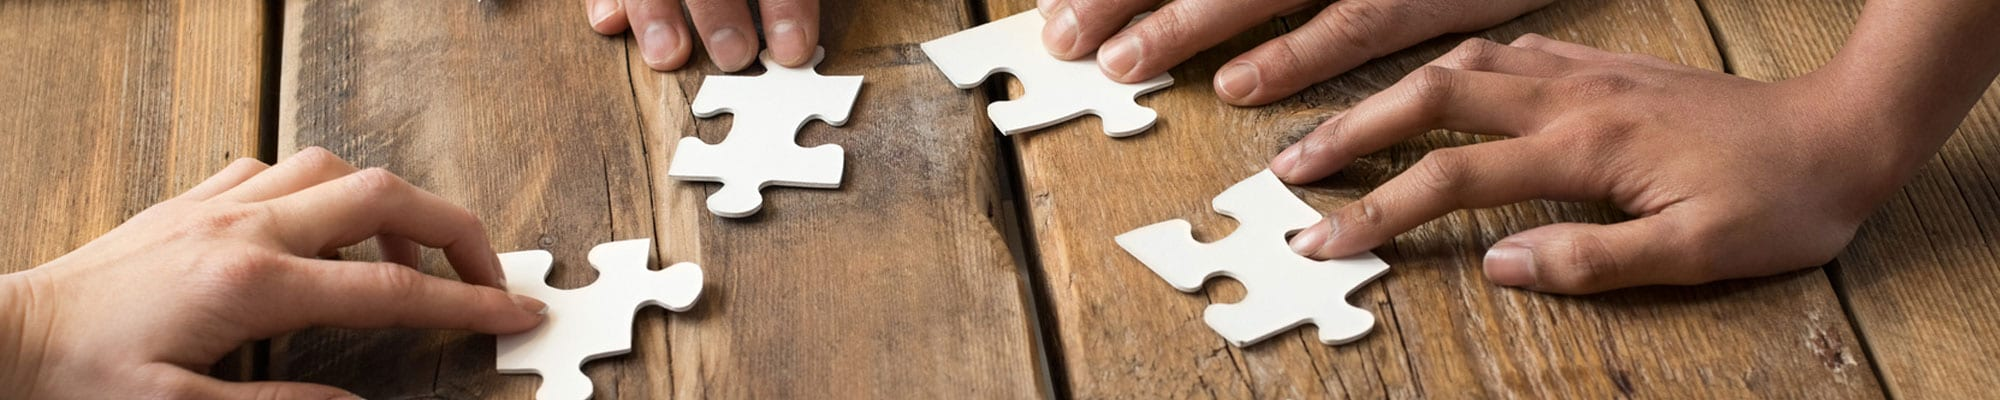 Segmentación de mercado en el sector de materiales de construcción